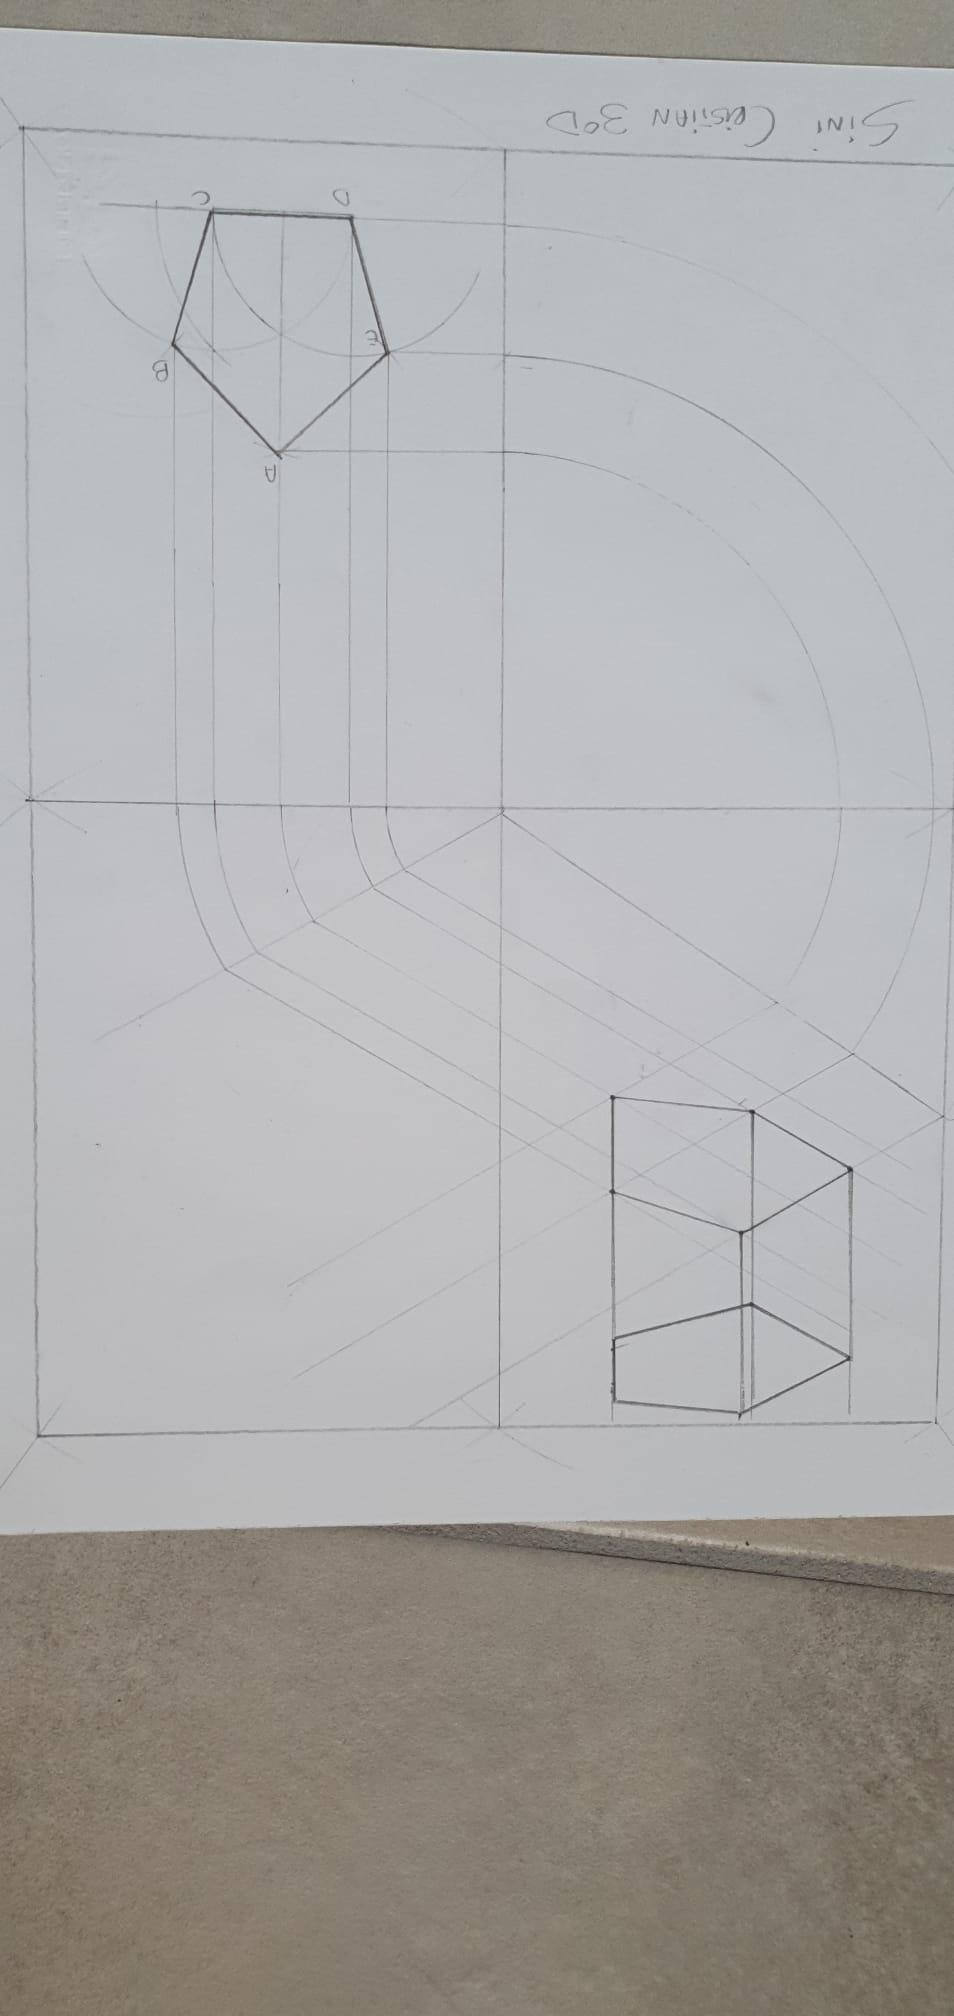 Libro di tecnologia disegno by Cristian - Ourboox.com